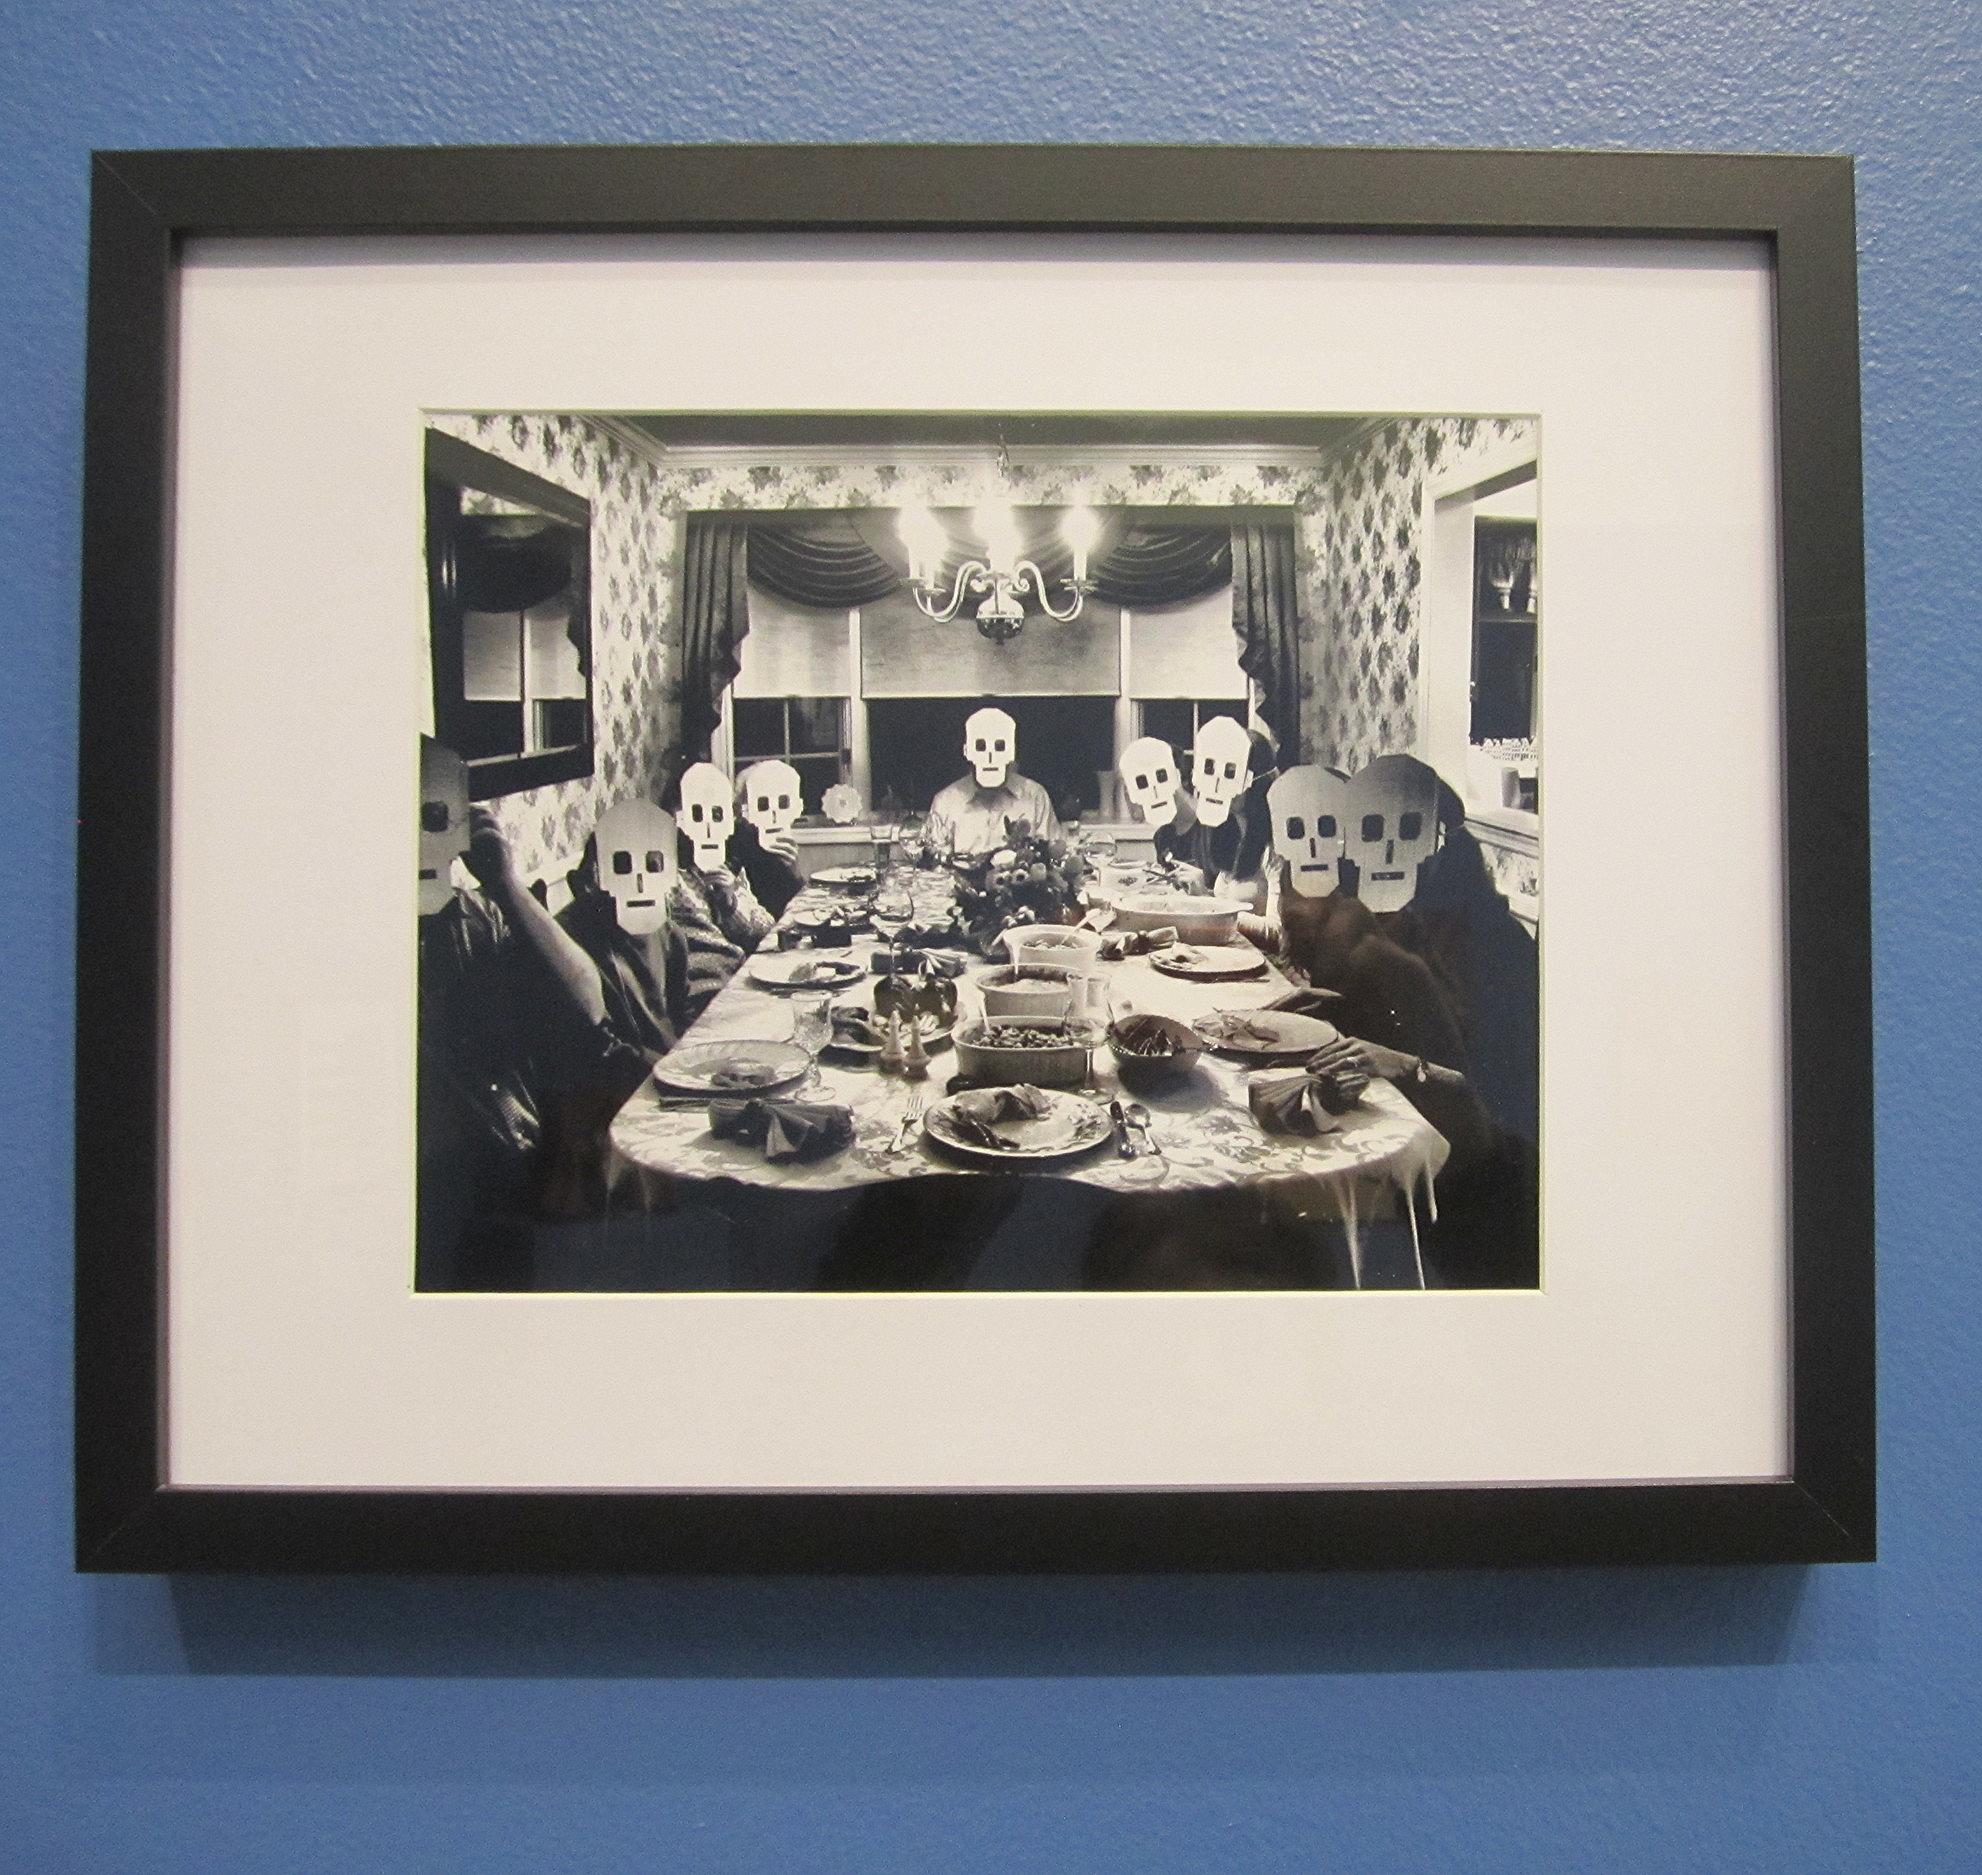 Blair Rohan,  Family Dinner,  Digital photograph